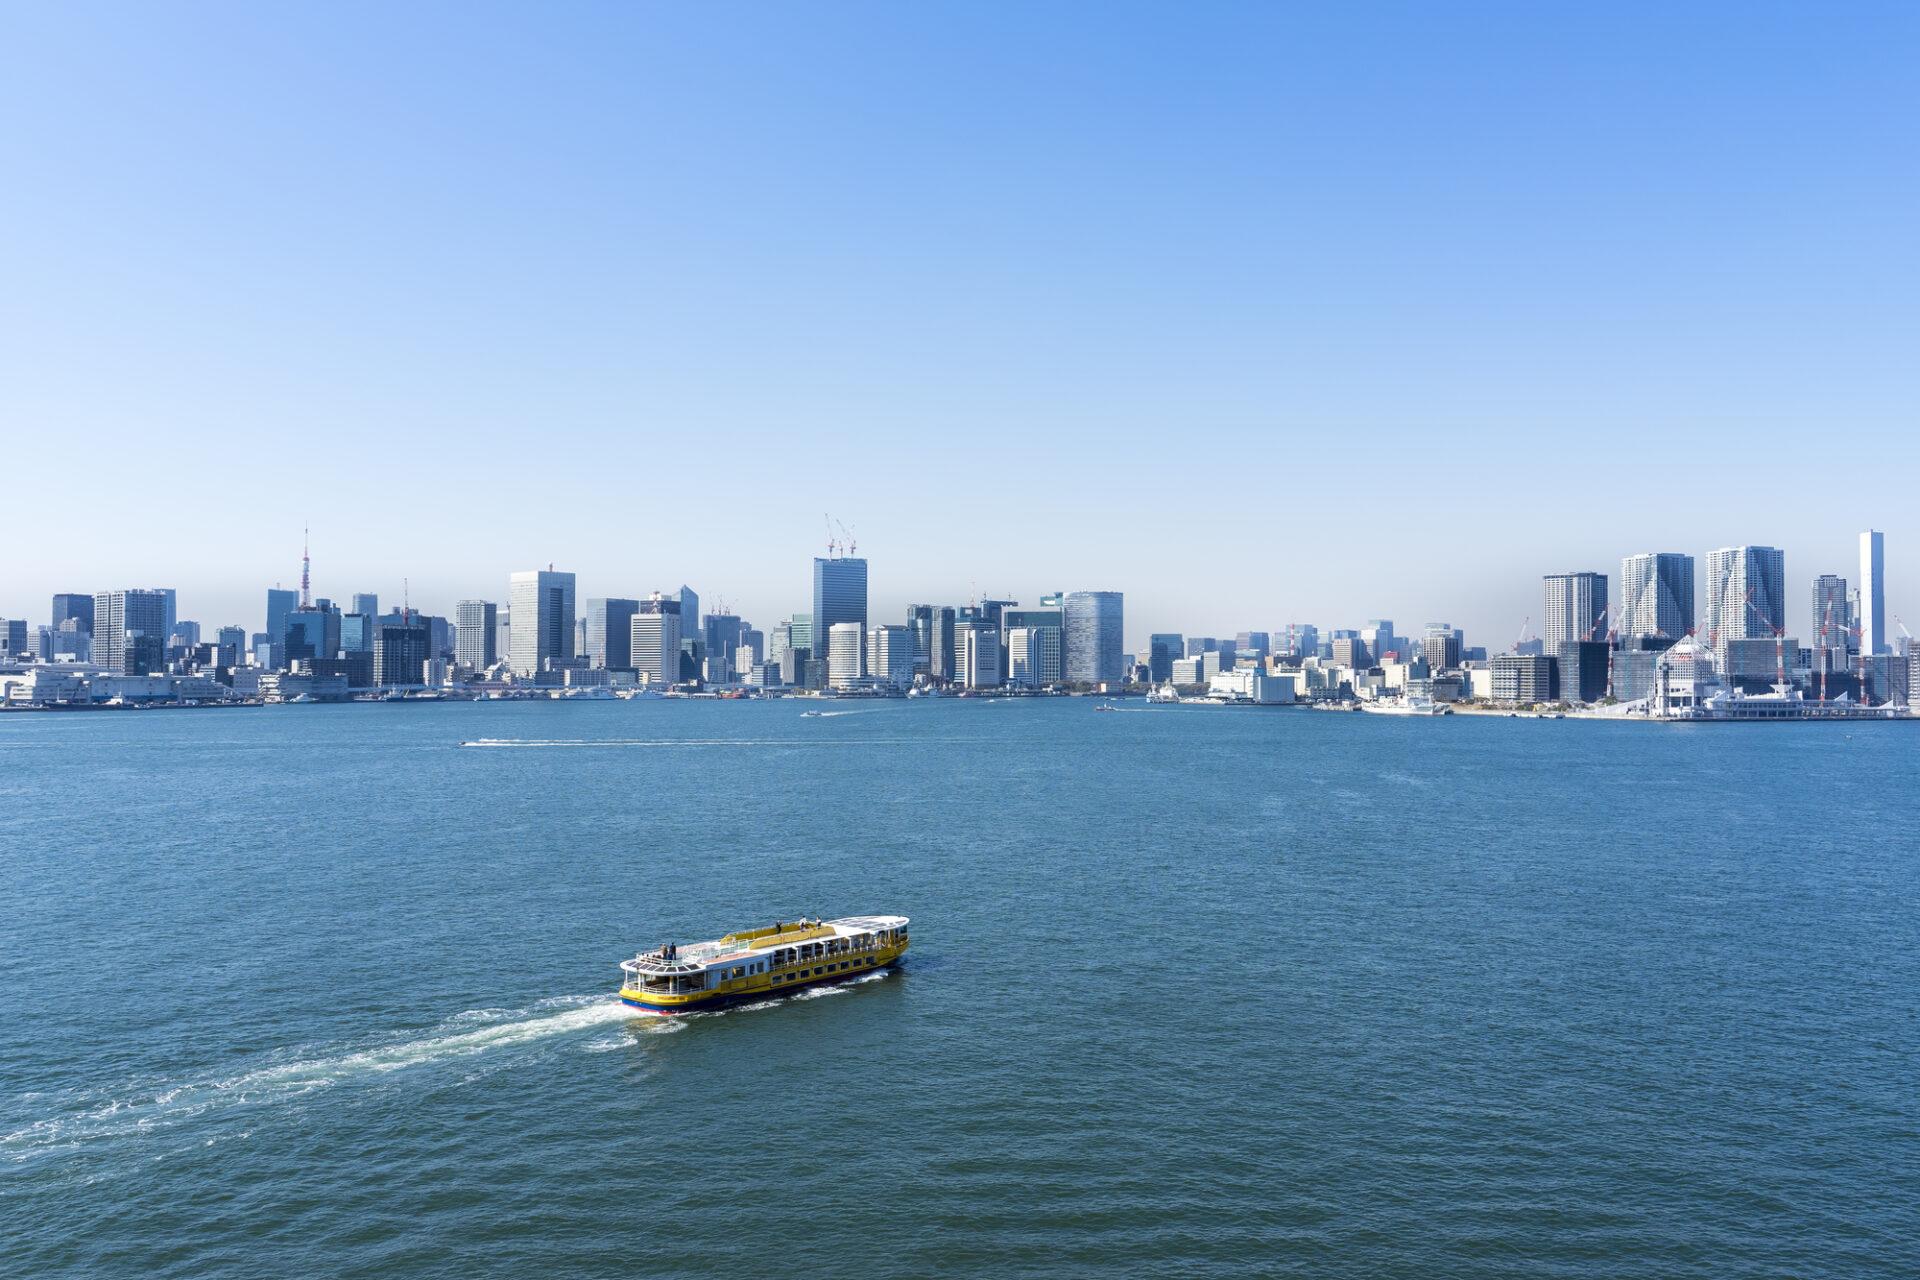 東京湾を進むクルーザー